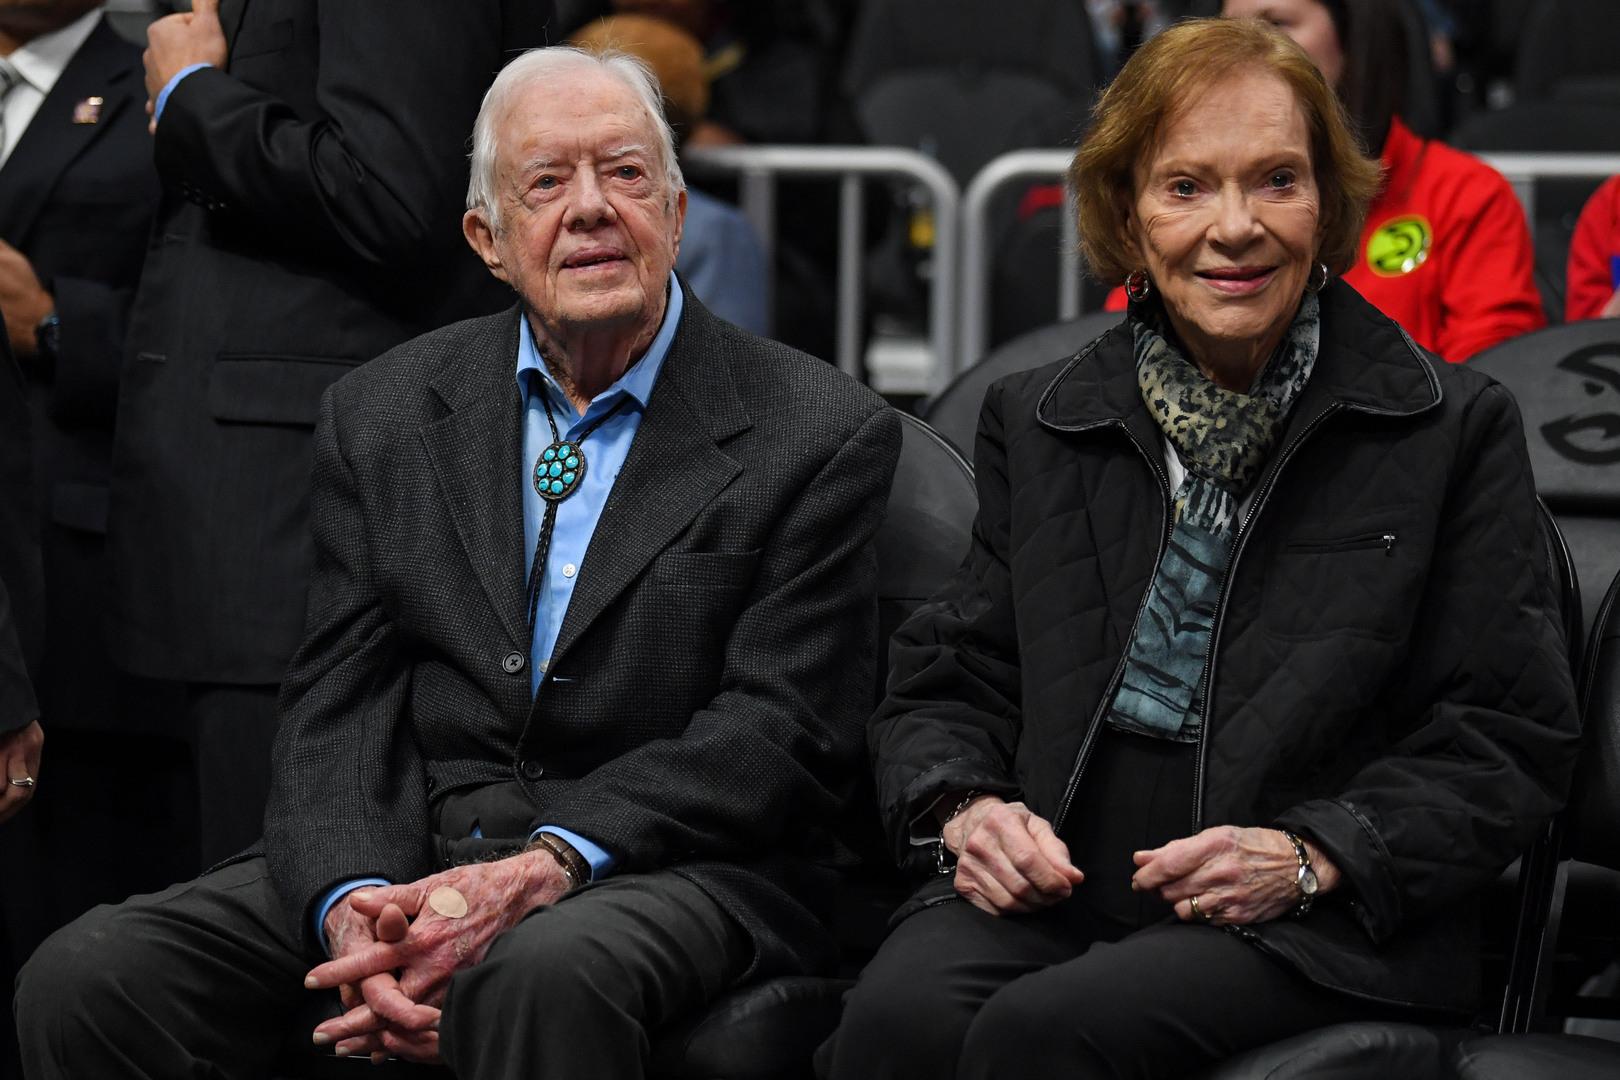 بعد 75 عاما من الزواج.. جيمي وروزالين كارتر يتحدثان عن زواجهما